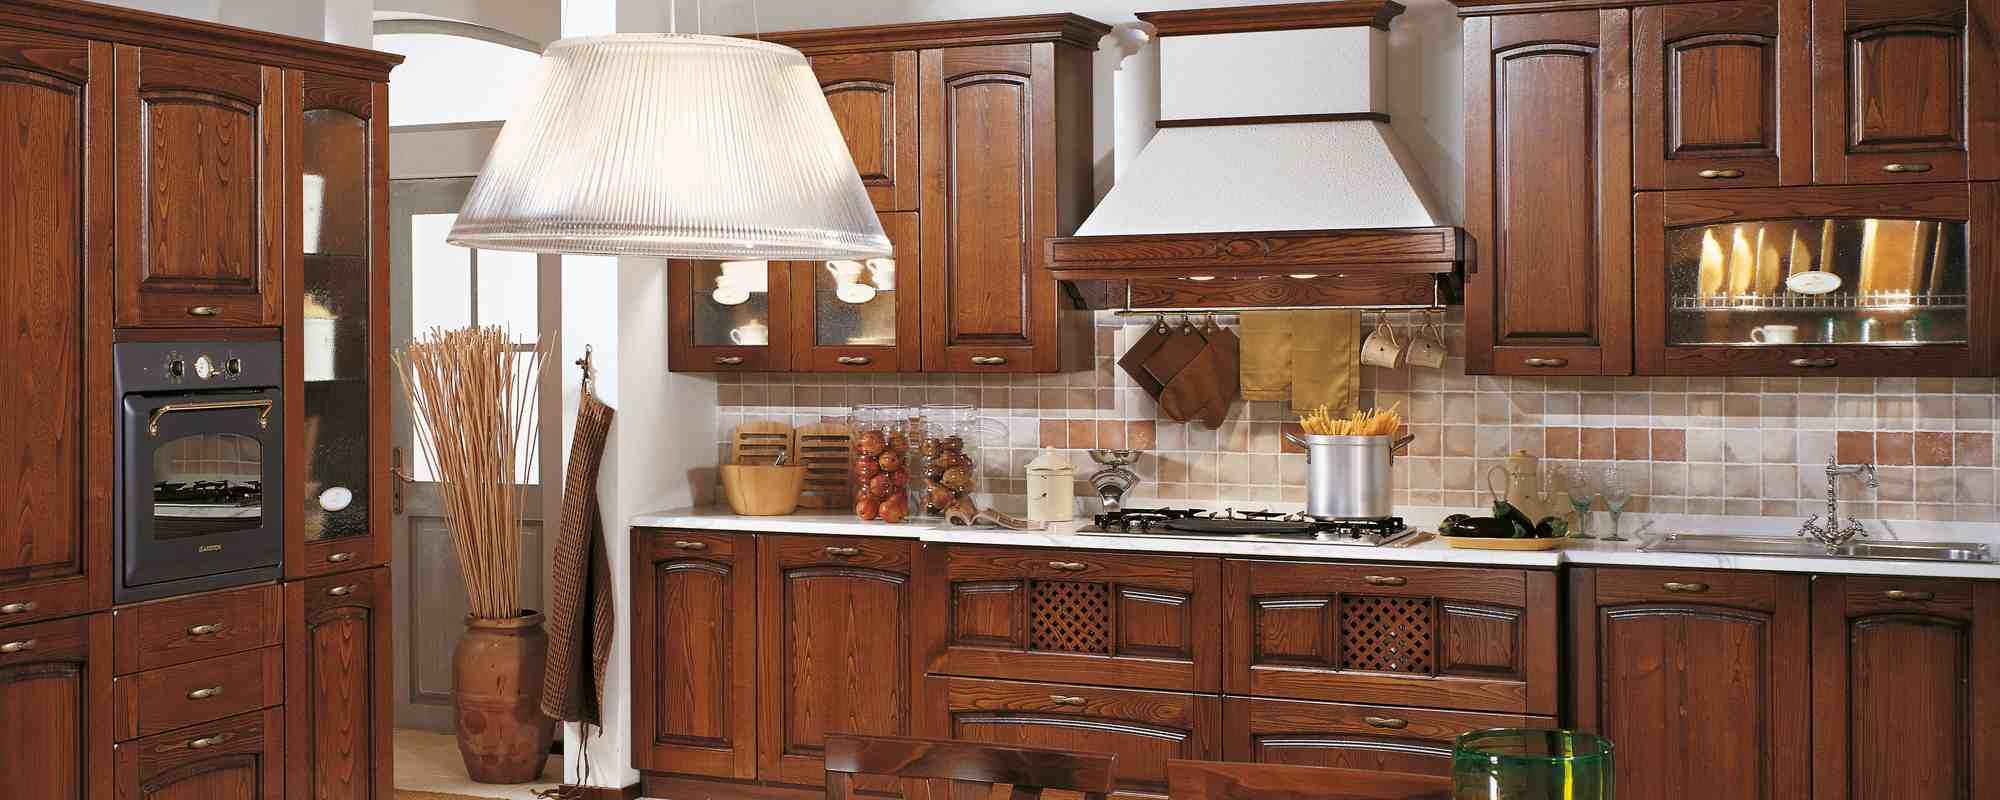 Cucine classiche vibo valentia scarcia arredamenti - Colore parete cucina noce ...